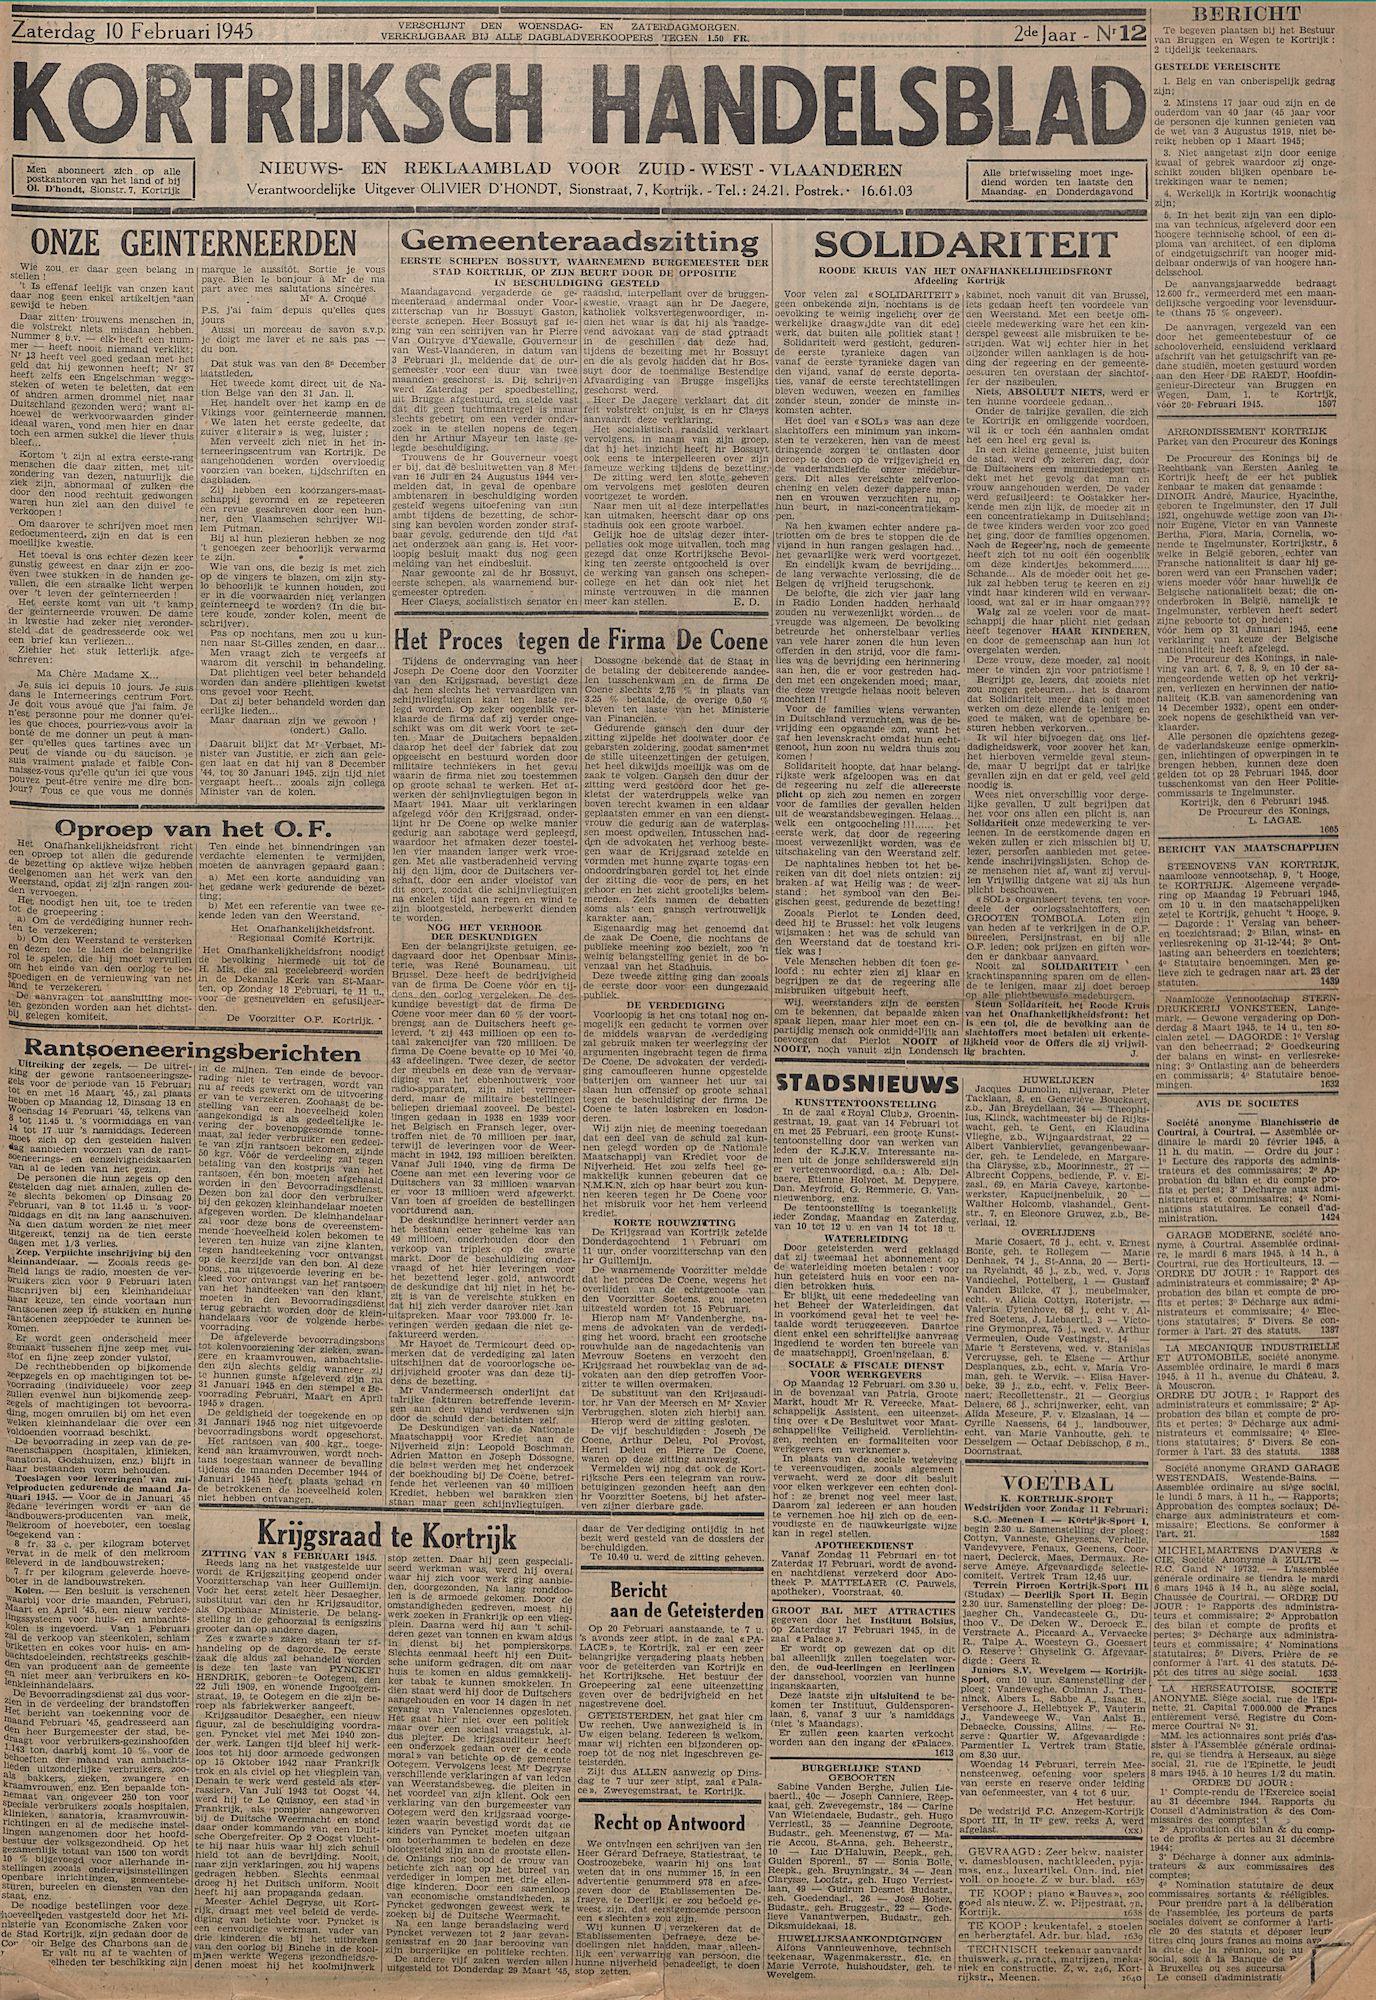 Kortrijksch Handelsblad 10 februari 1945 Nr12 p1